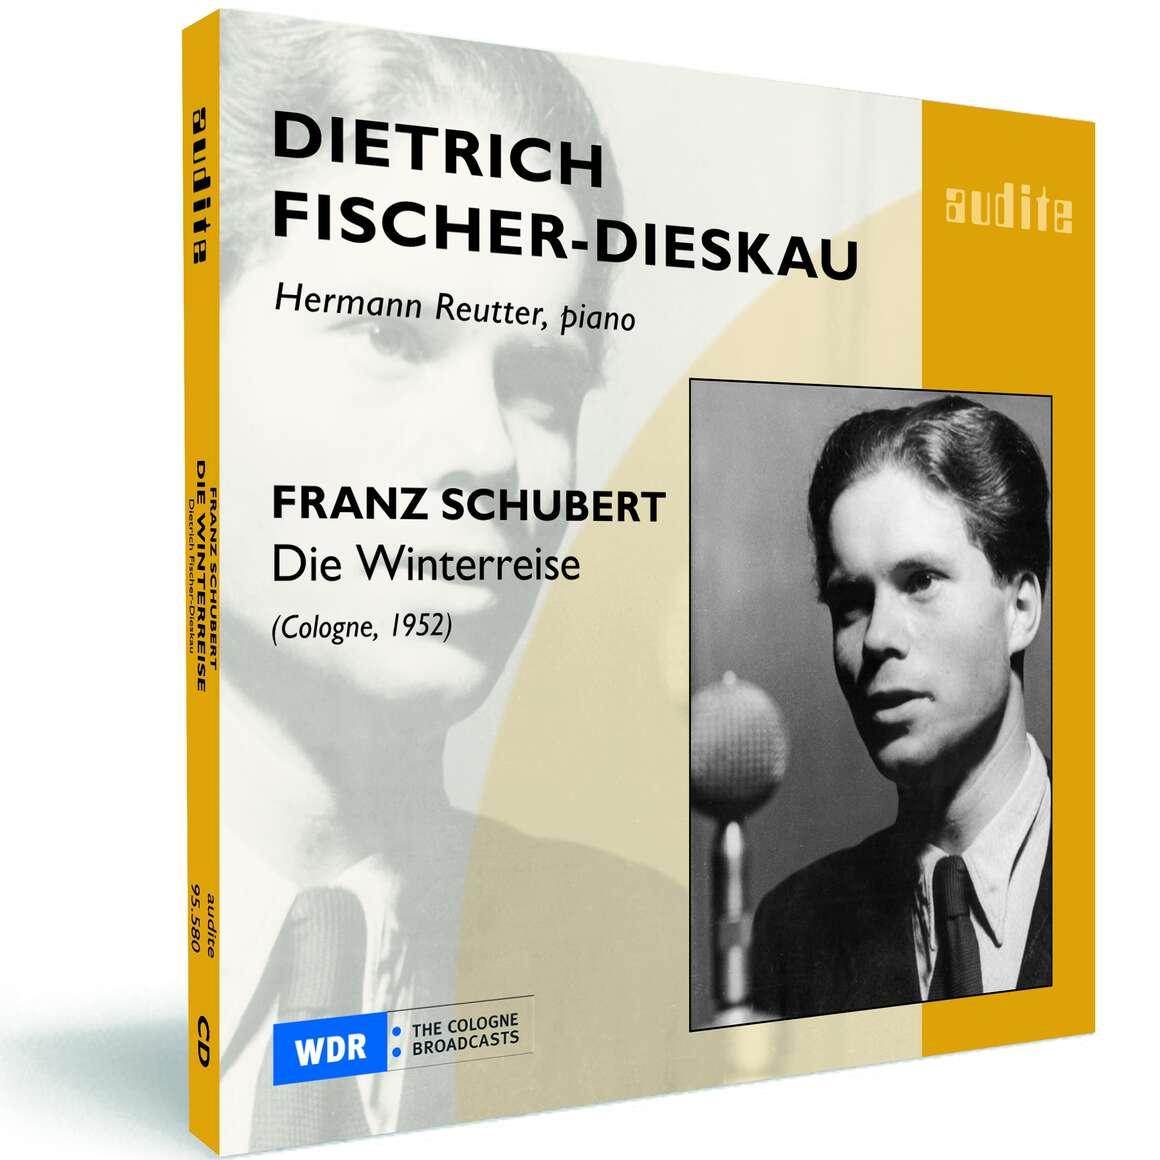 F. Schubert: Die Winterreise (1952)